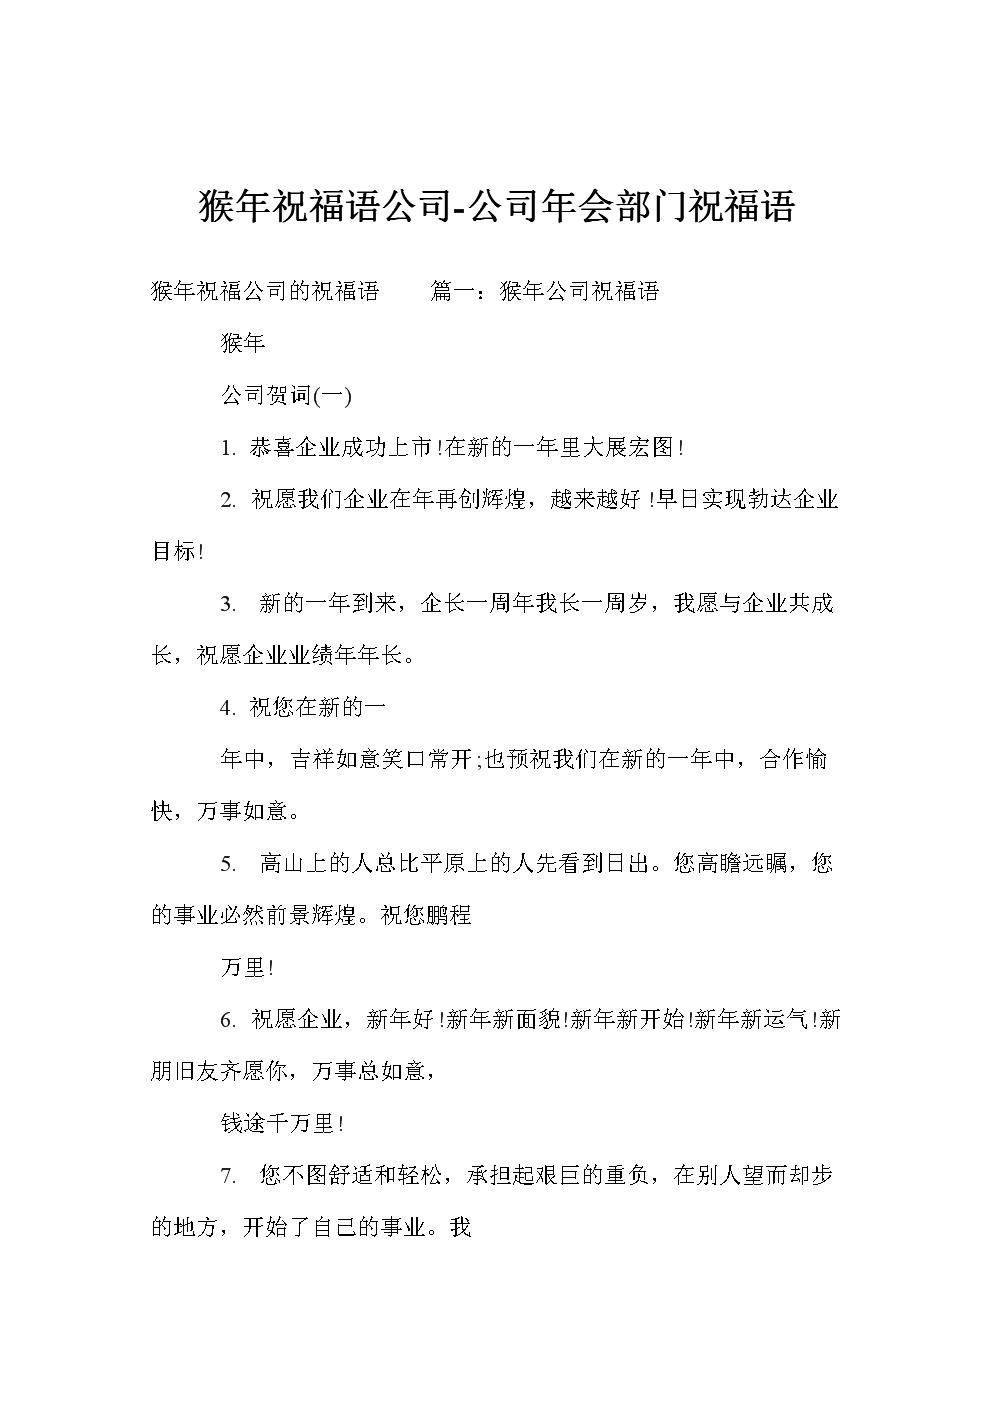 猴年祝福语公司-公司年会部门祝福语.doc